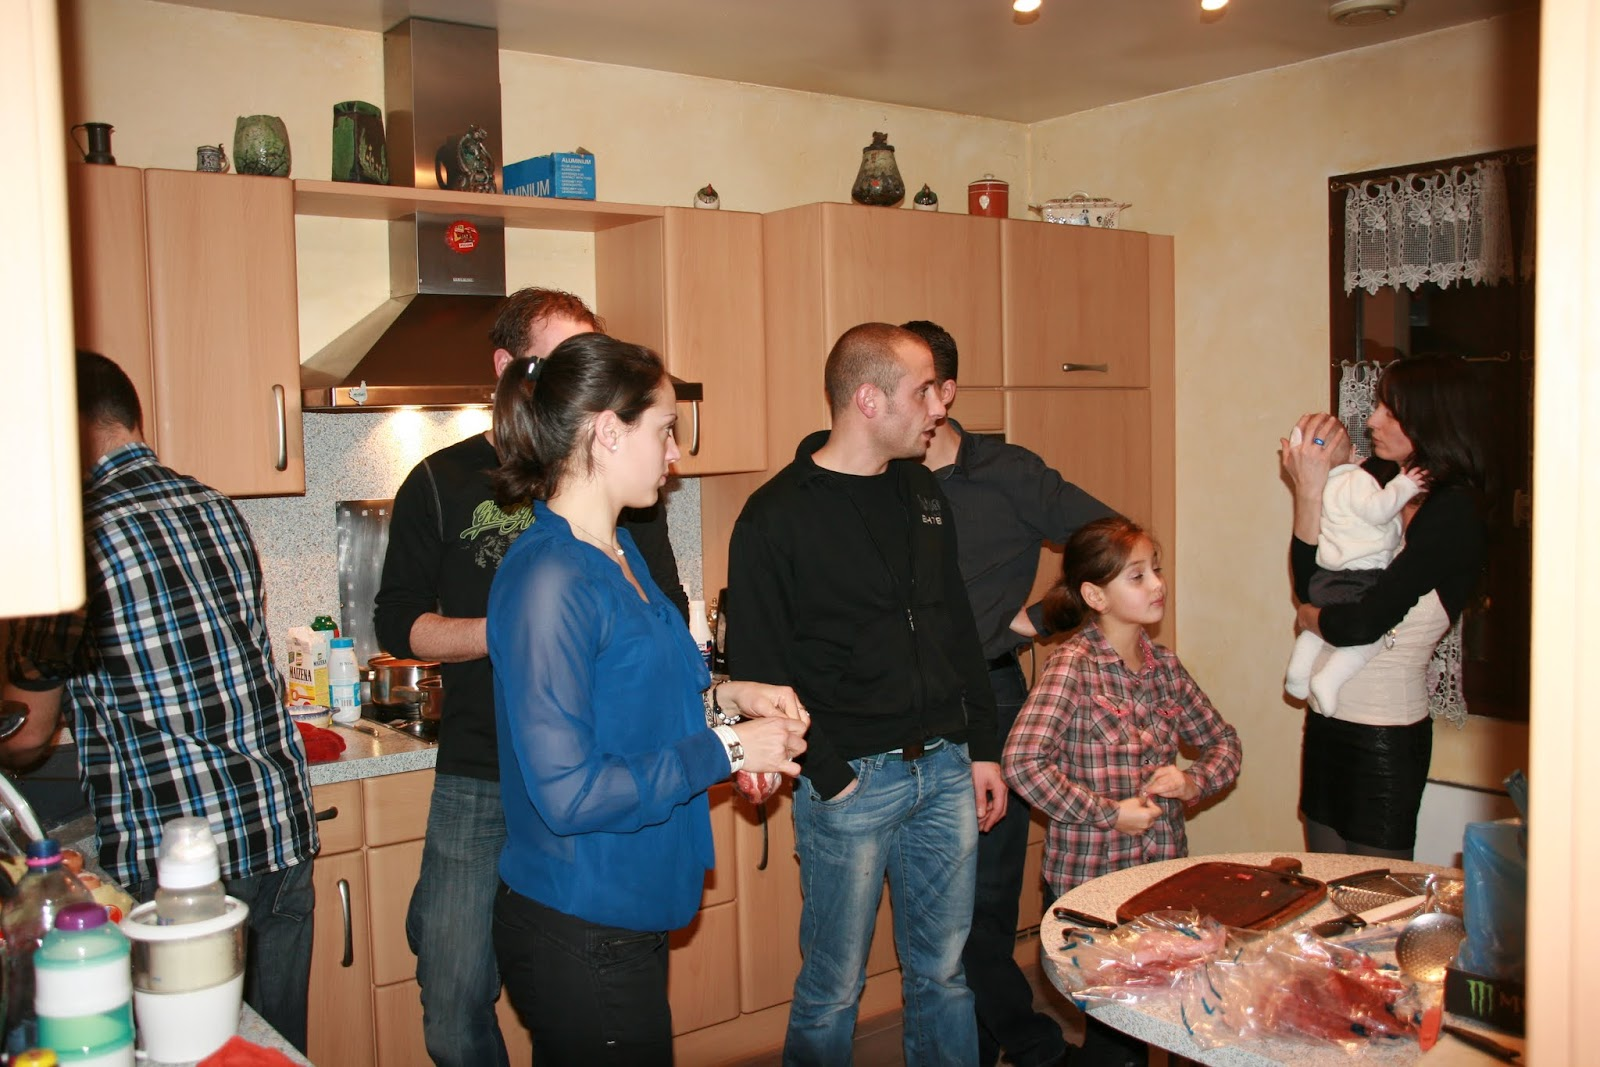 Nouvelles de geudertheim le nouvel an entre copains for Cuisine entre copains